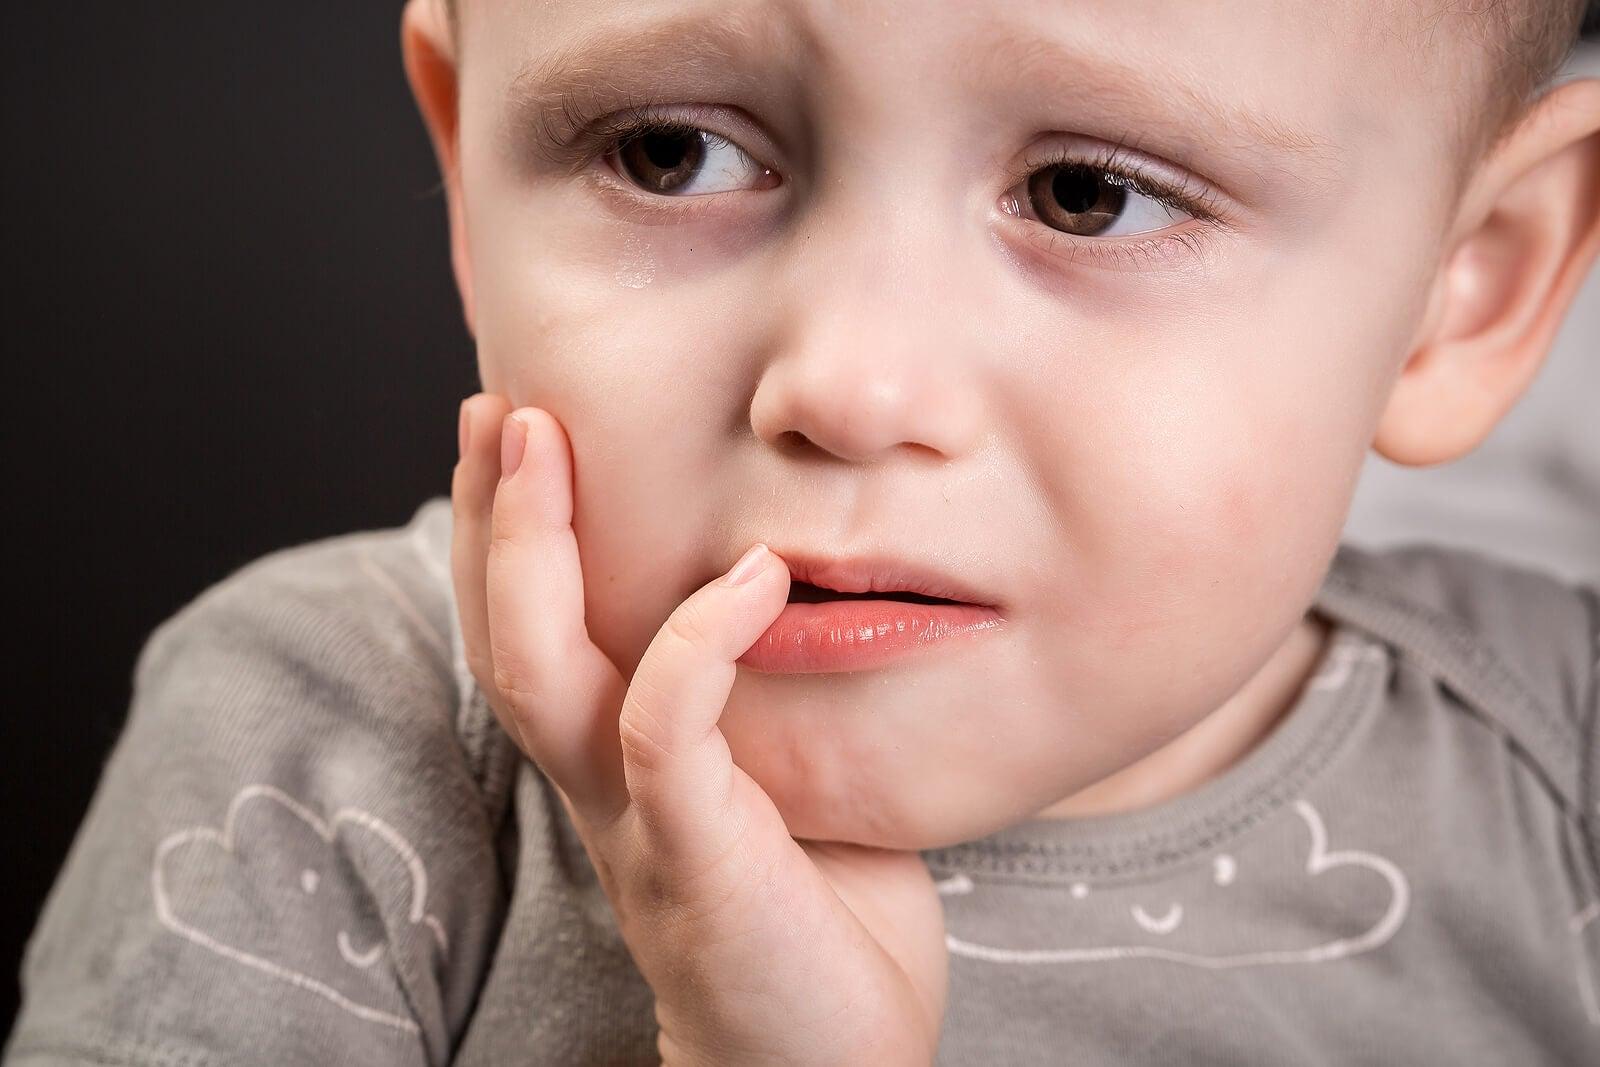 Niño con dolor en la boca porque ha sufrido una avulsión dental.